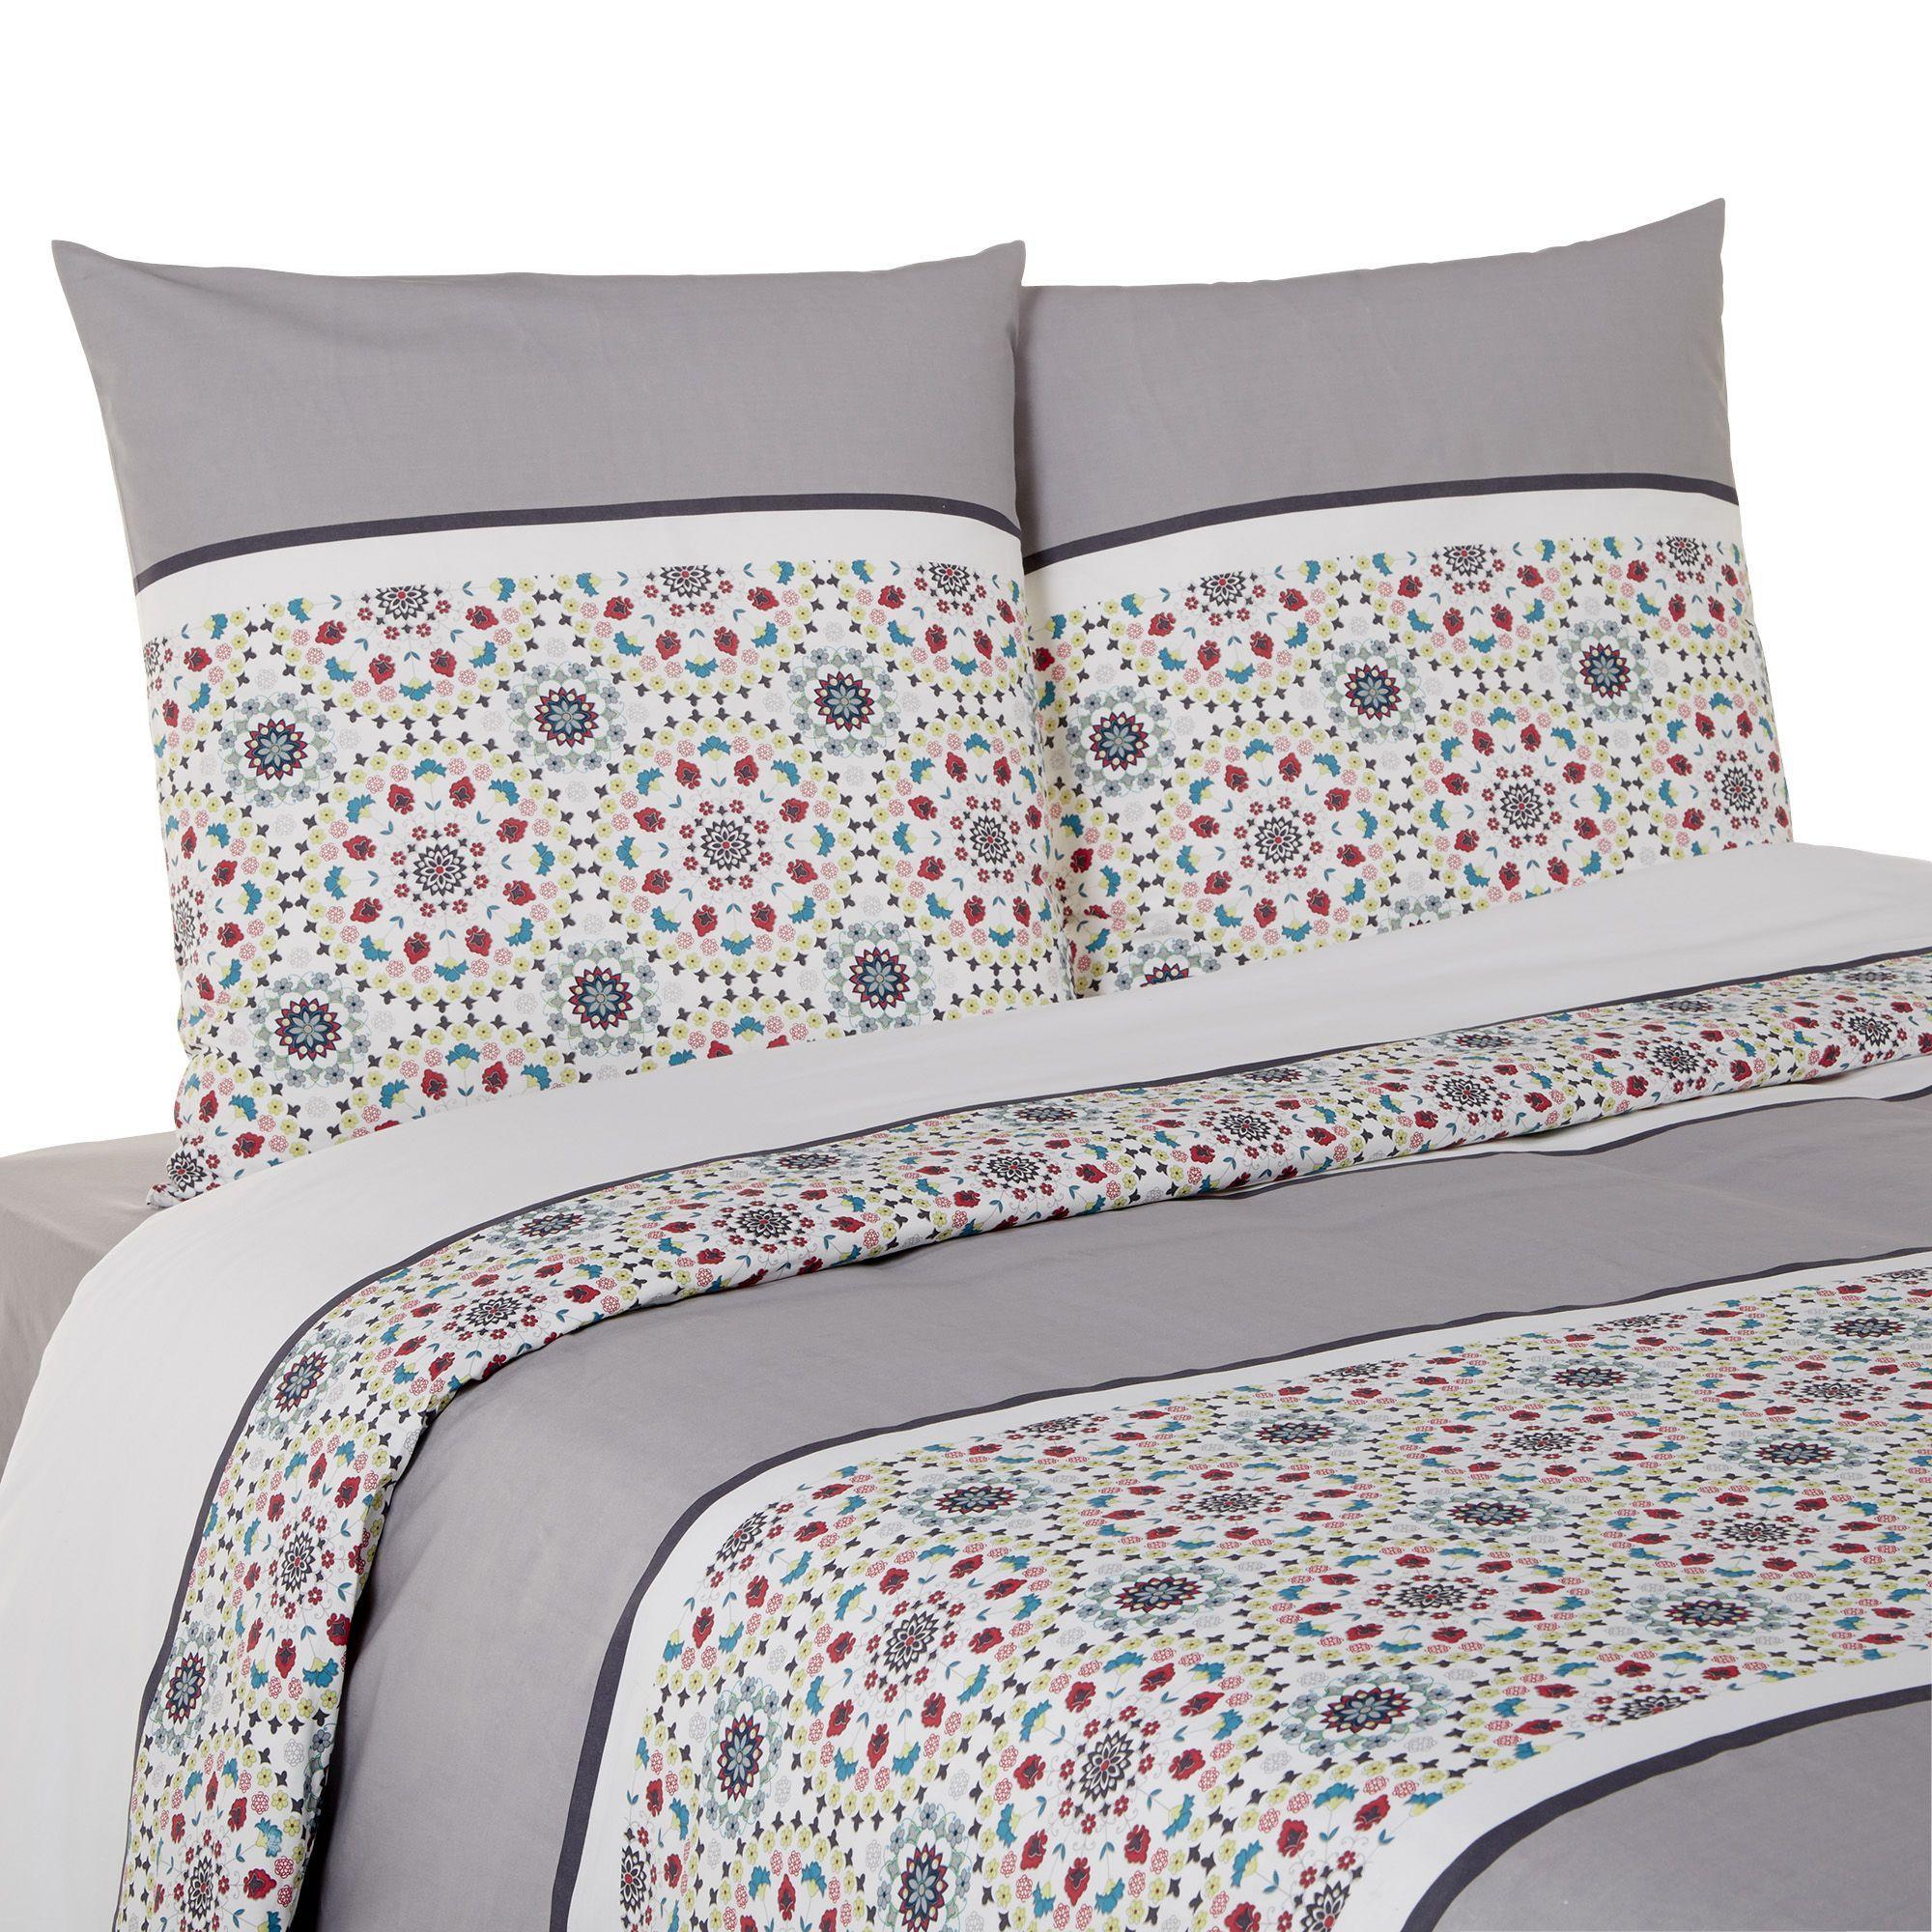 housse de couette et 1 ou 2 taie s d 39 oreiller zingara les parures de lit linge de lit. Black Bedroom Furniture Sets. Home Design Ideas